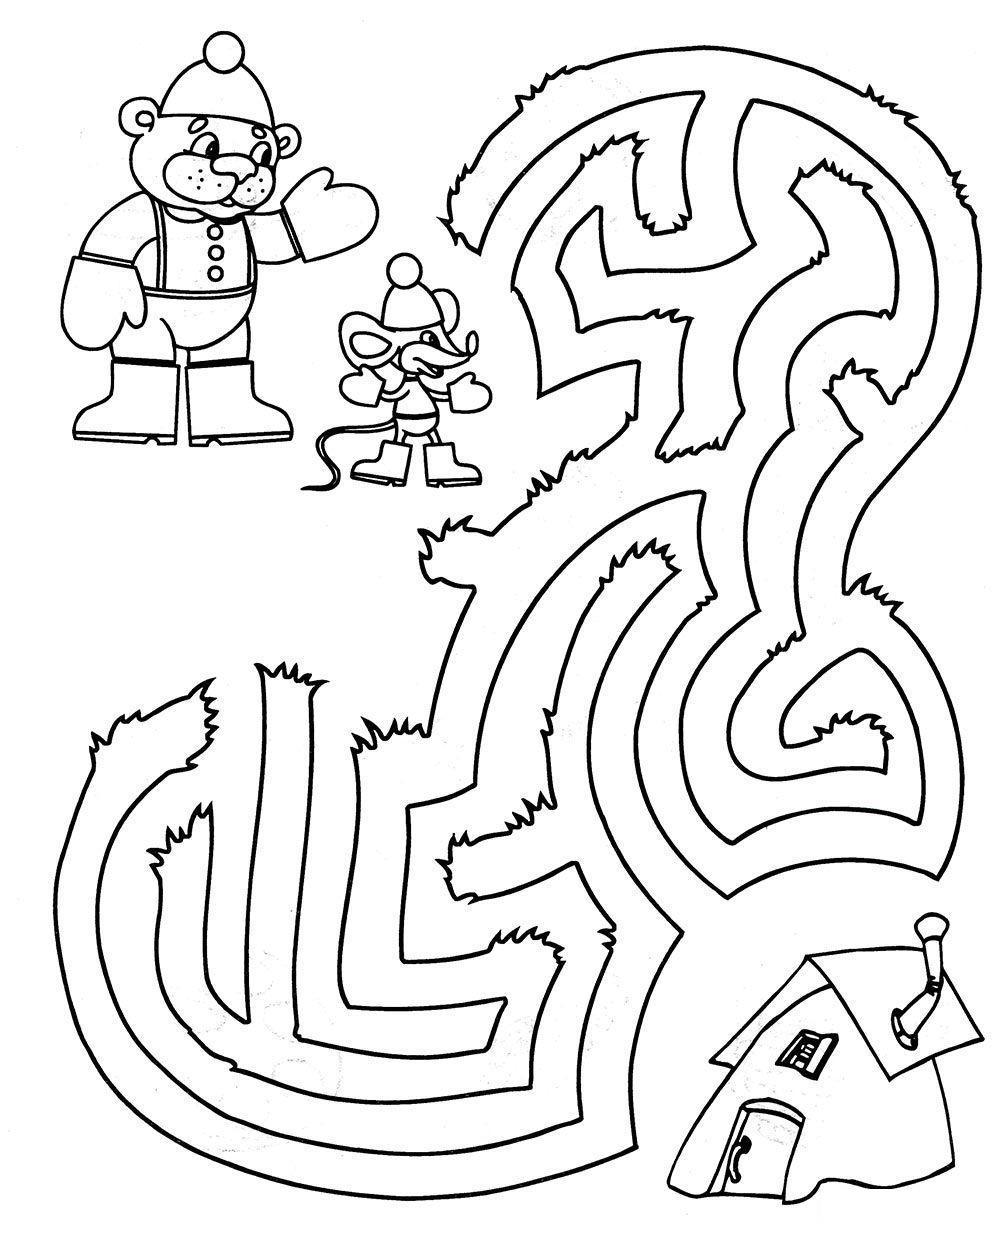 Раскраски лабиринт детская раскраска-лабиринт, помоги мишке и мышке добраться домой